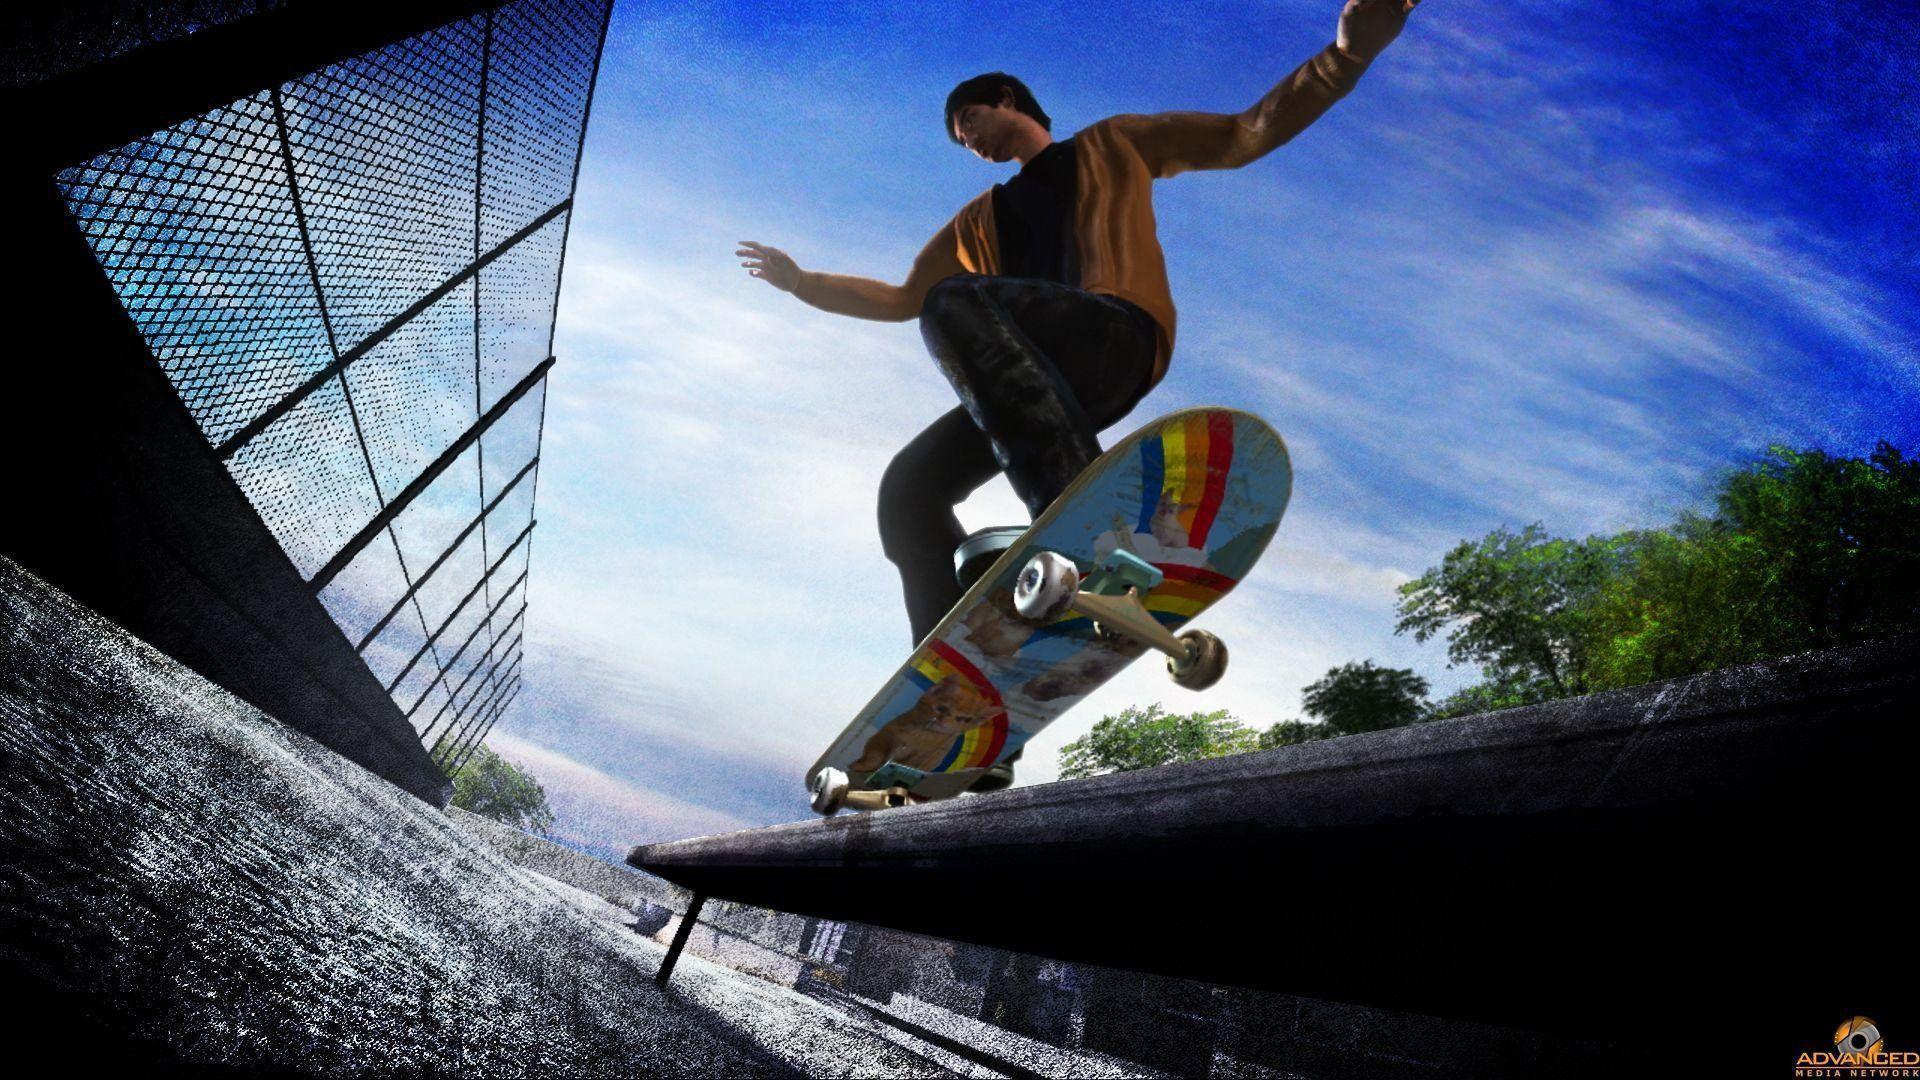 Skate 3 Wallpapers Wallpaper Cave